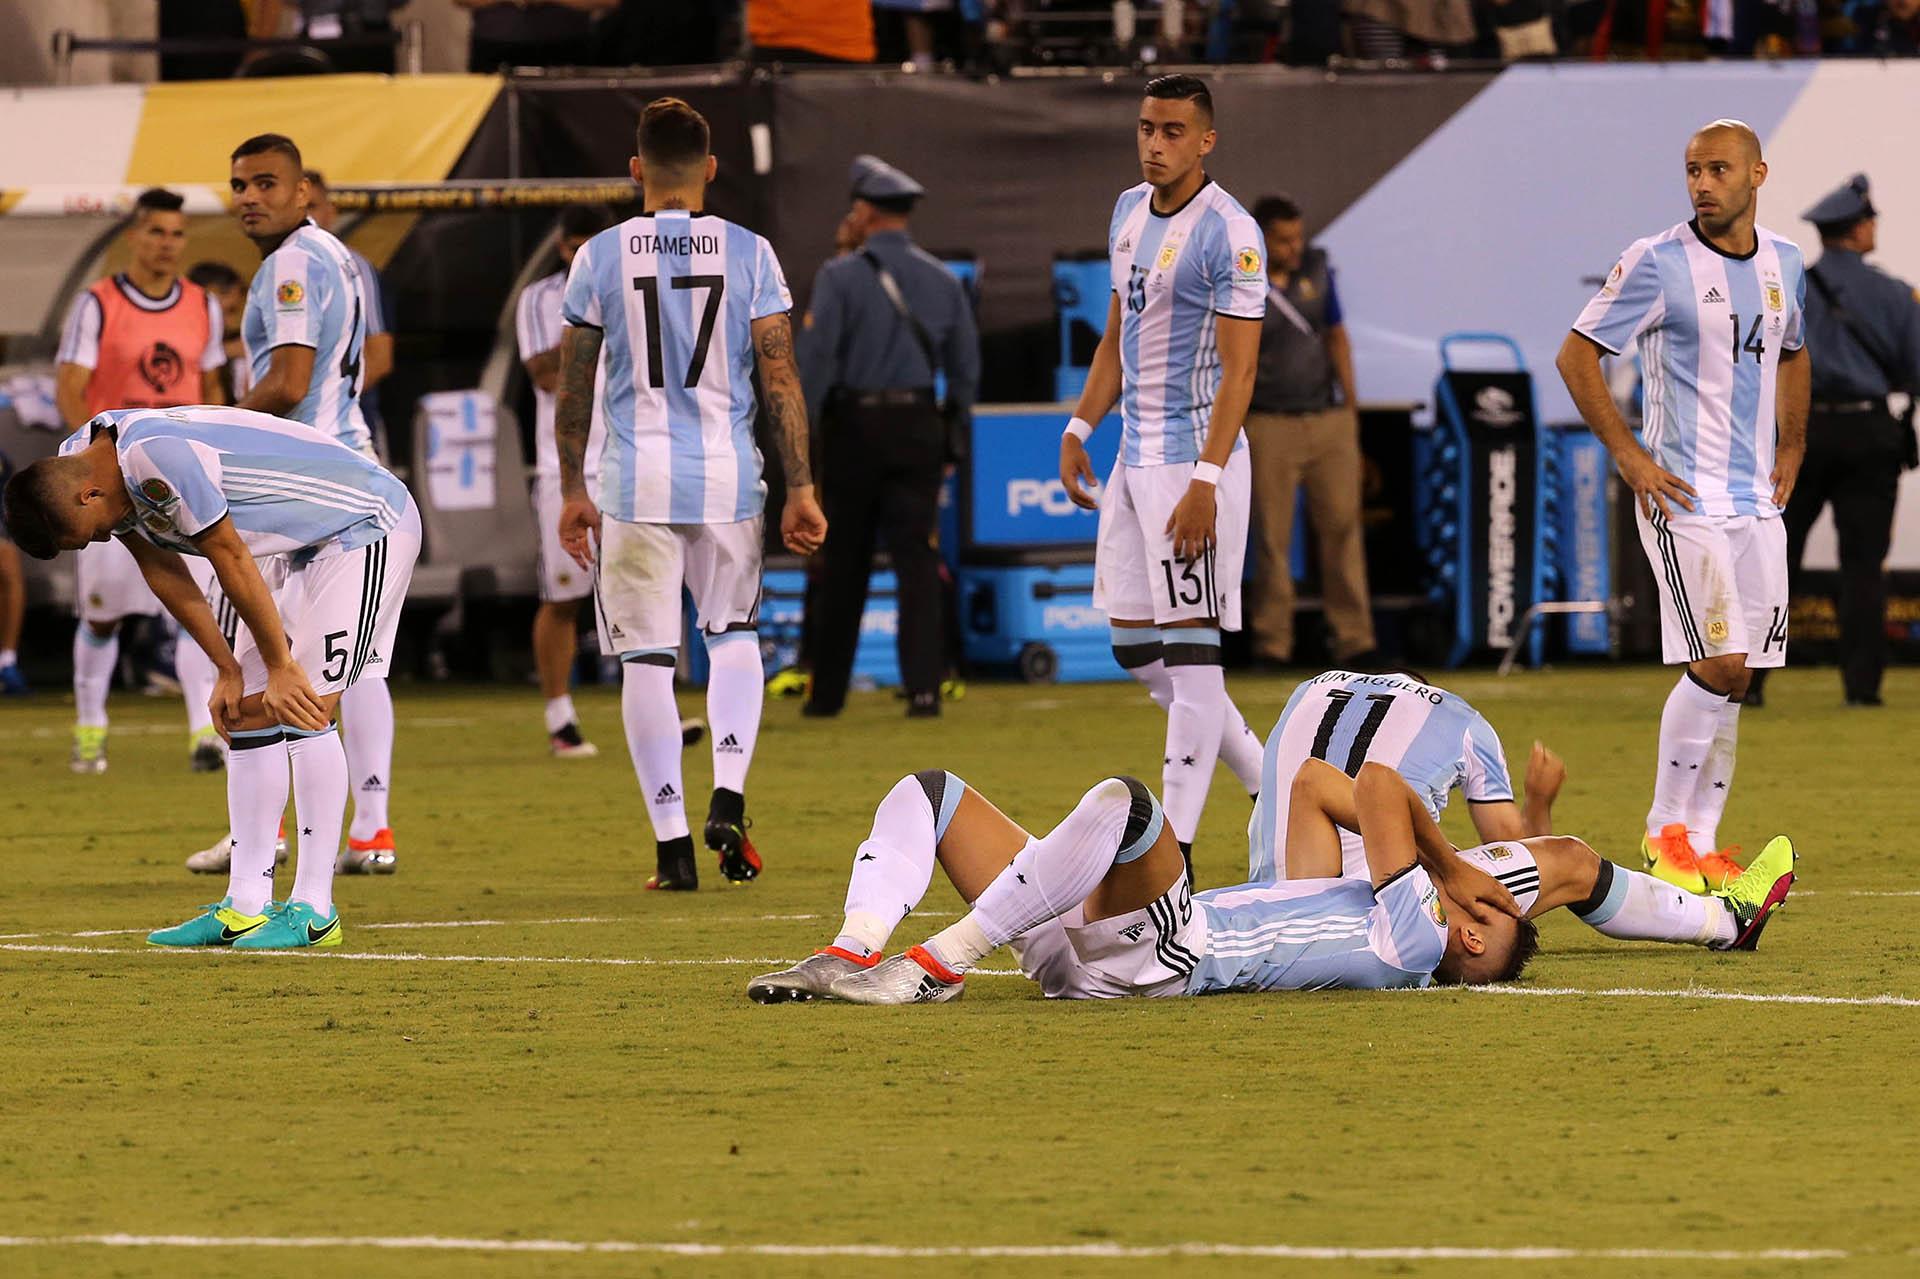 Nueva Jersey: El seleccionado argentino, al igual que hace un año en Santiago, perdió esta noche por penales ante Chile 4-2 la final de la Copa América Centenario, tras empatar sin goles en los 120 minutos de juego disputados en el estadio MetLife de New Jersey. Foto:enviado especial/Diego del Carril/Télam/amb 26/06/2016